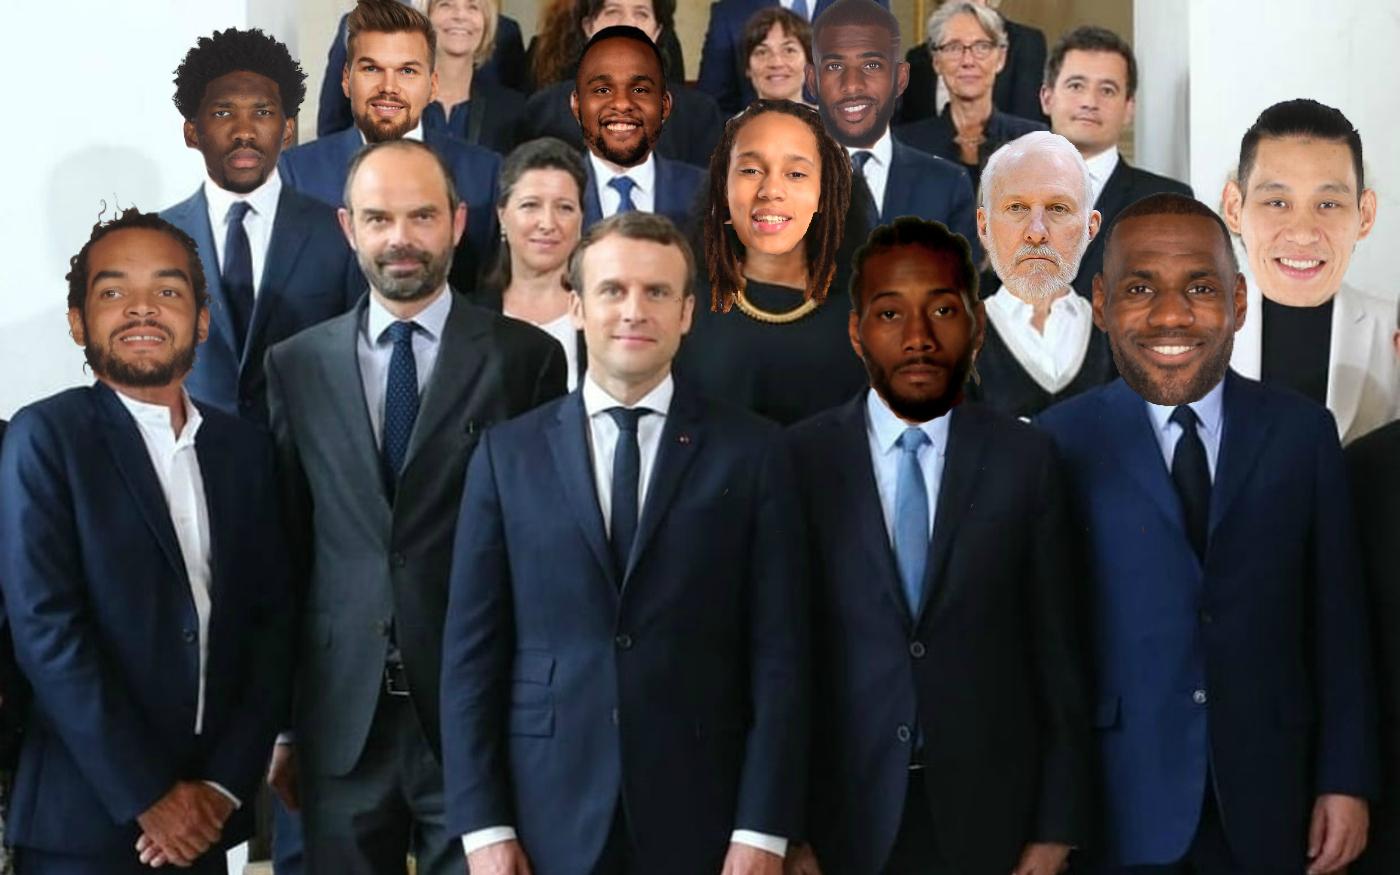 Le gouvernement Macron à la sauce NBA